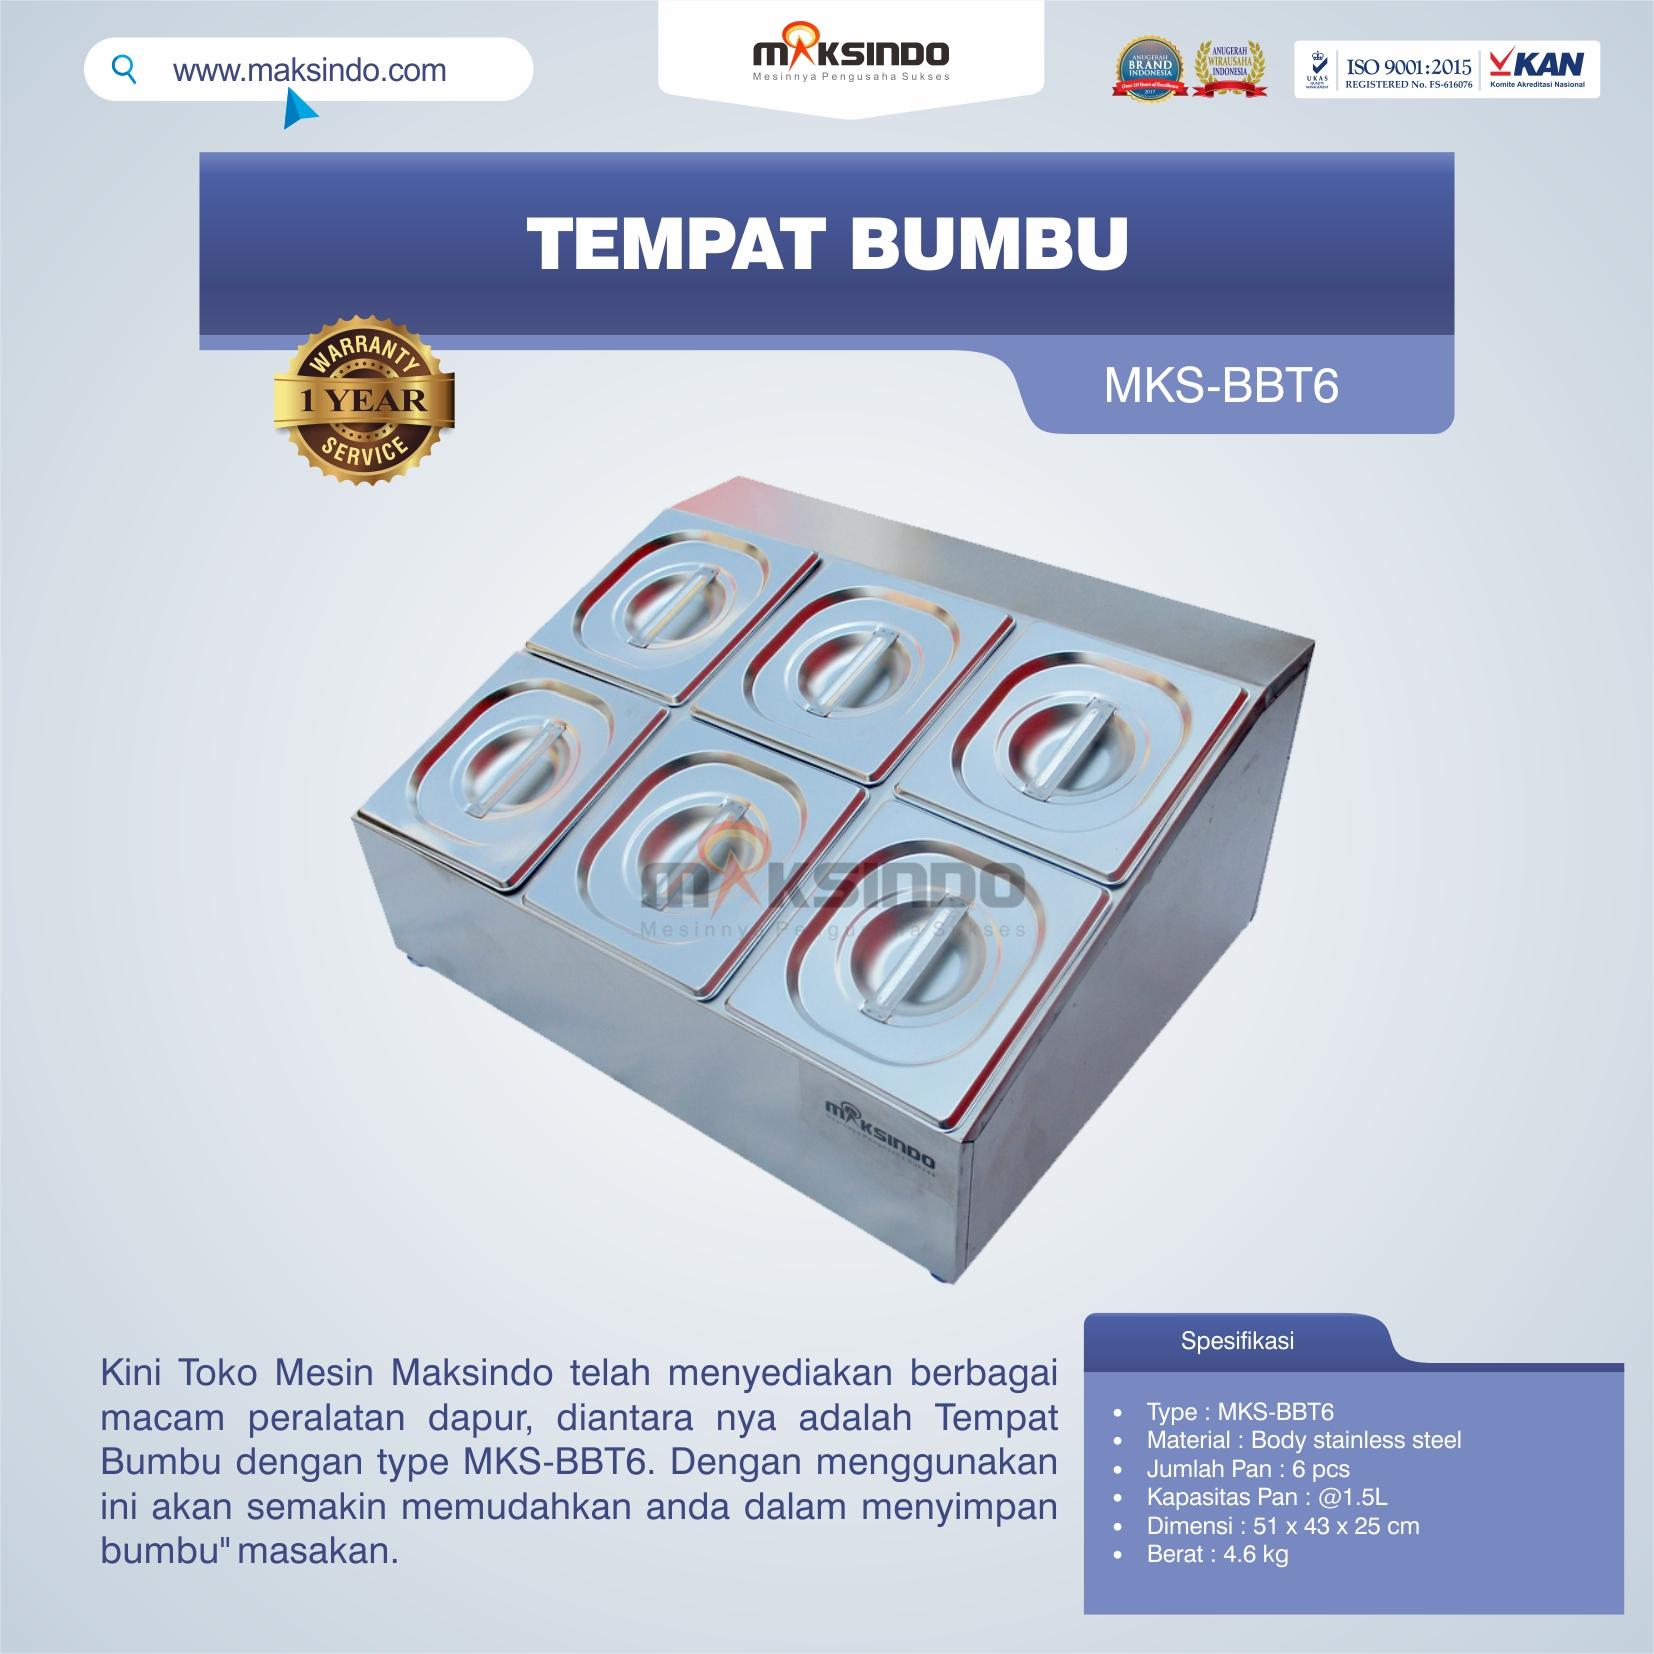 Jual Tempat Bumbu MKS-BBT6 di Tangerang